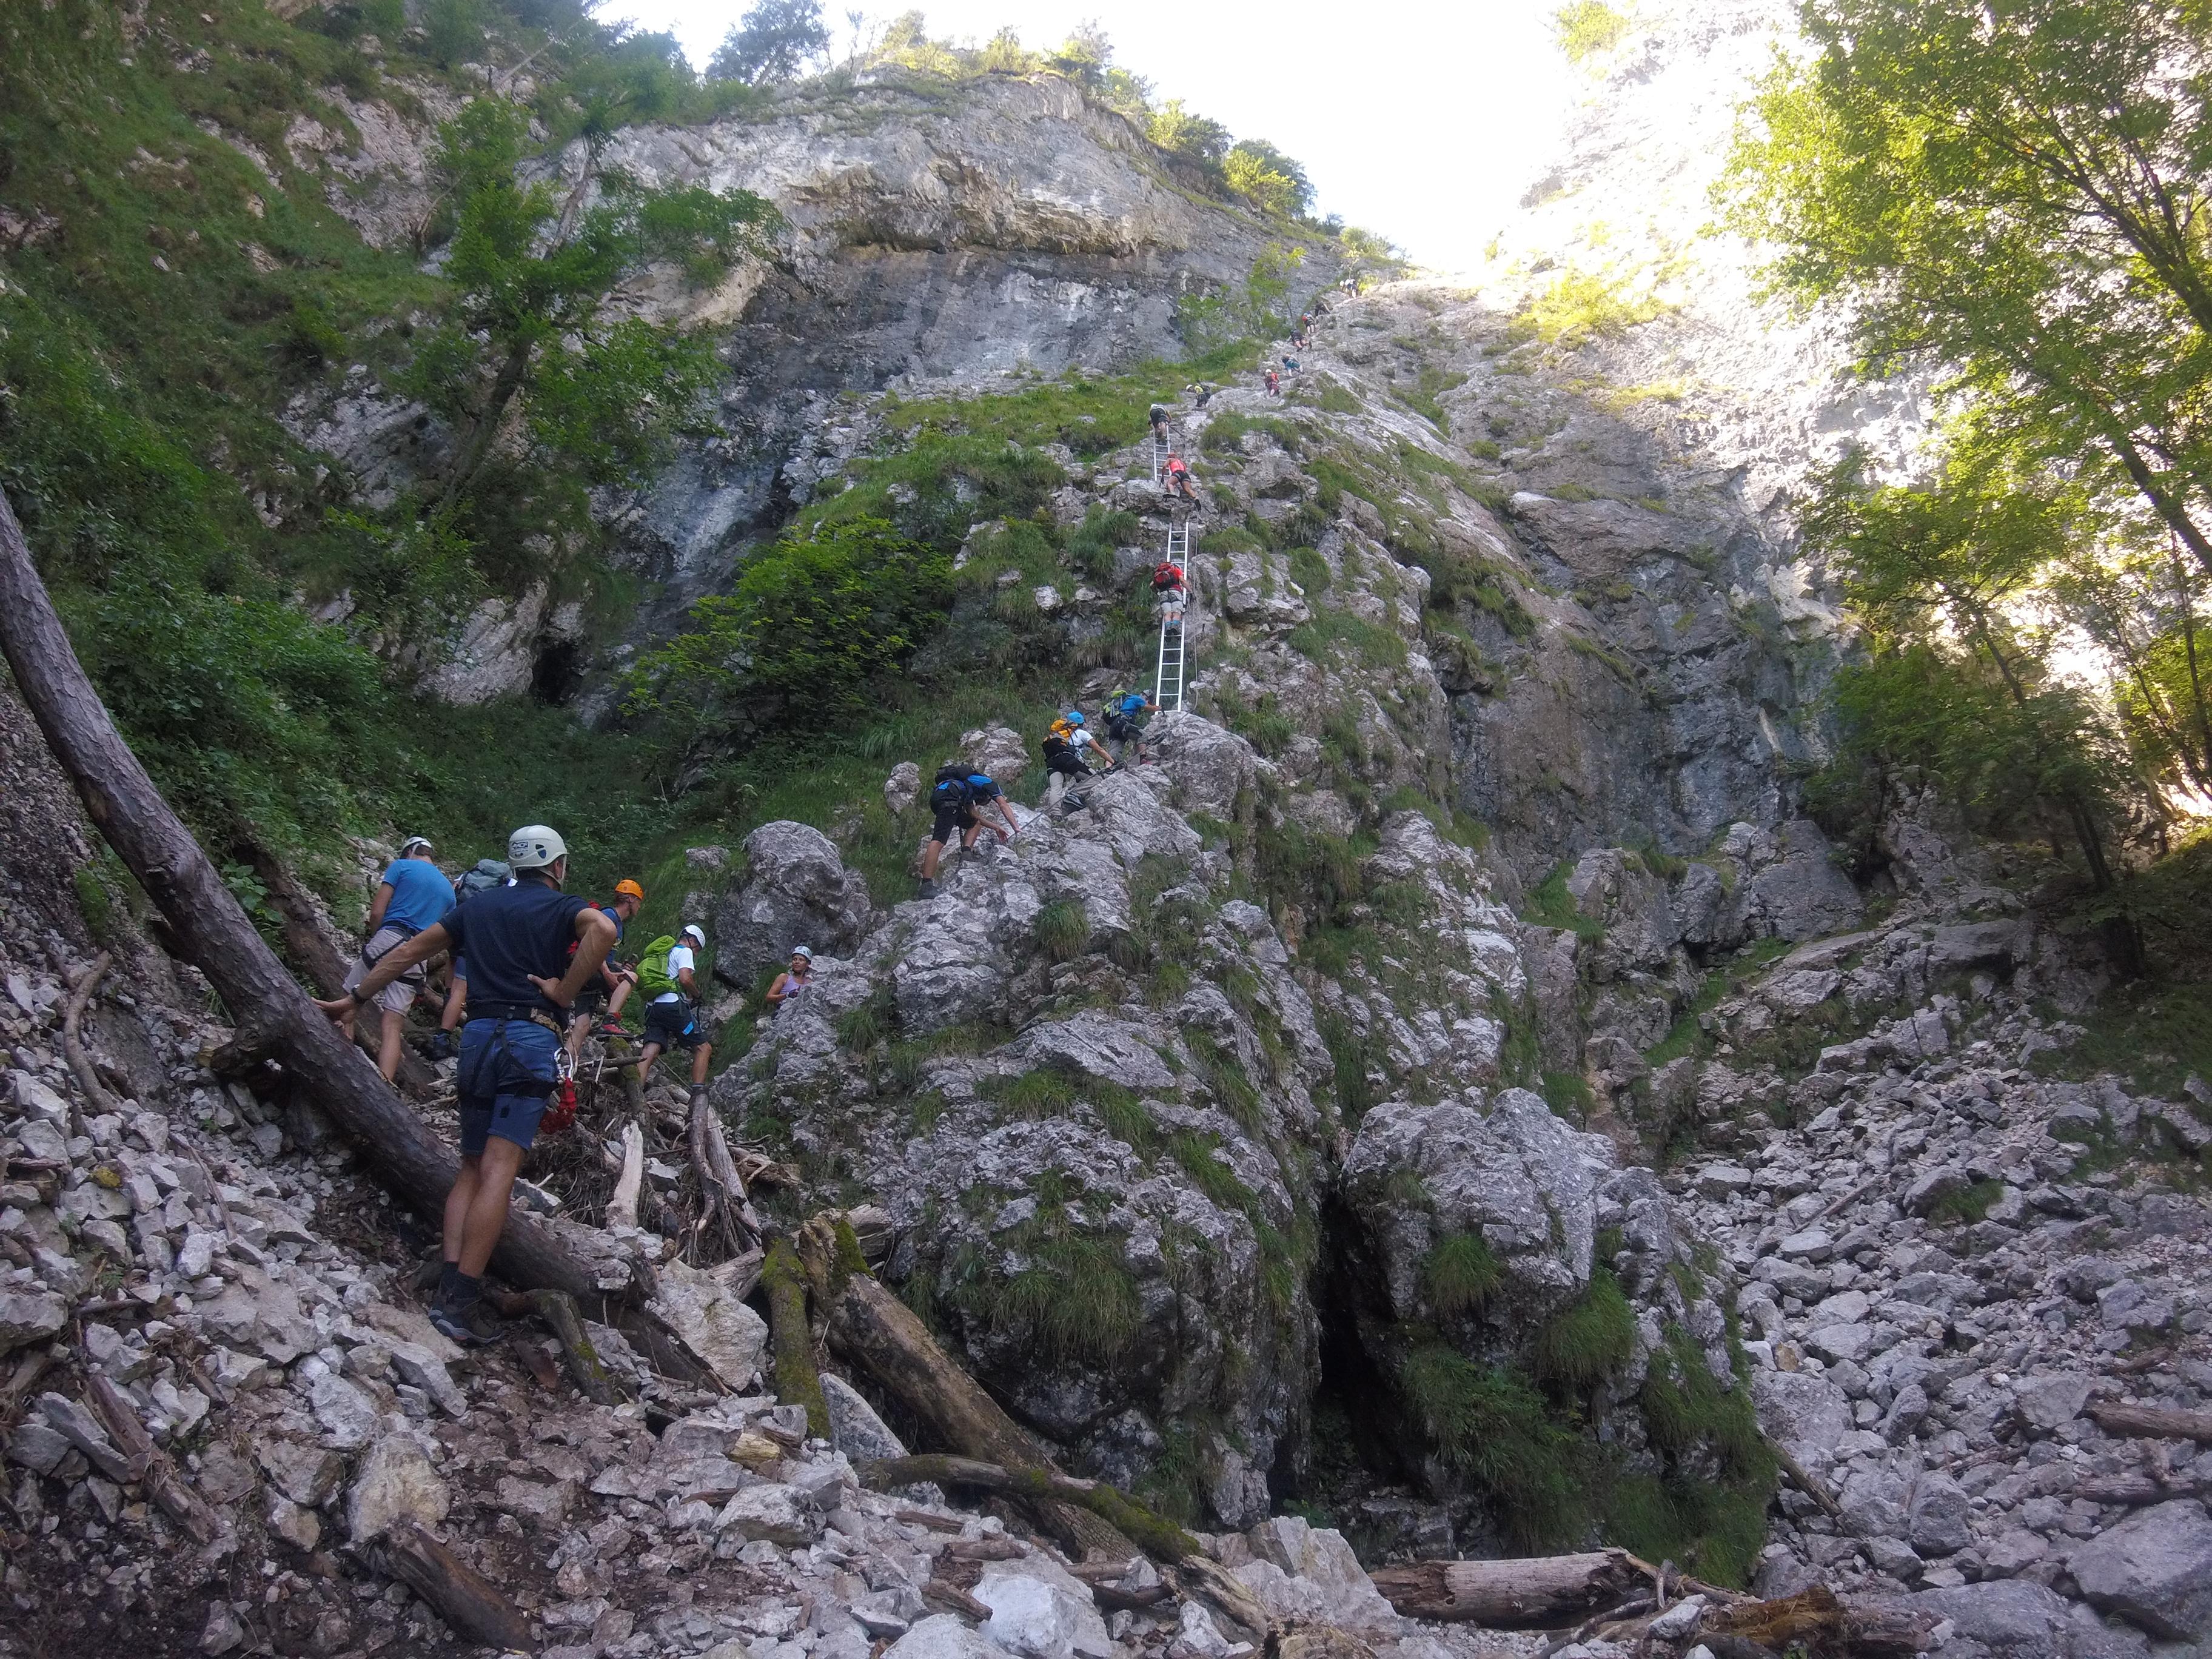 Klettersteig Drachenwand : Drachenwand klettersteig u trailchaser